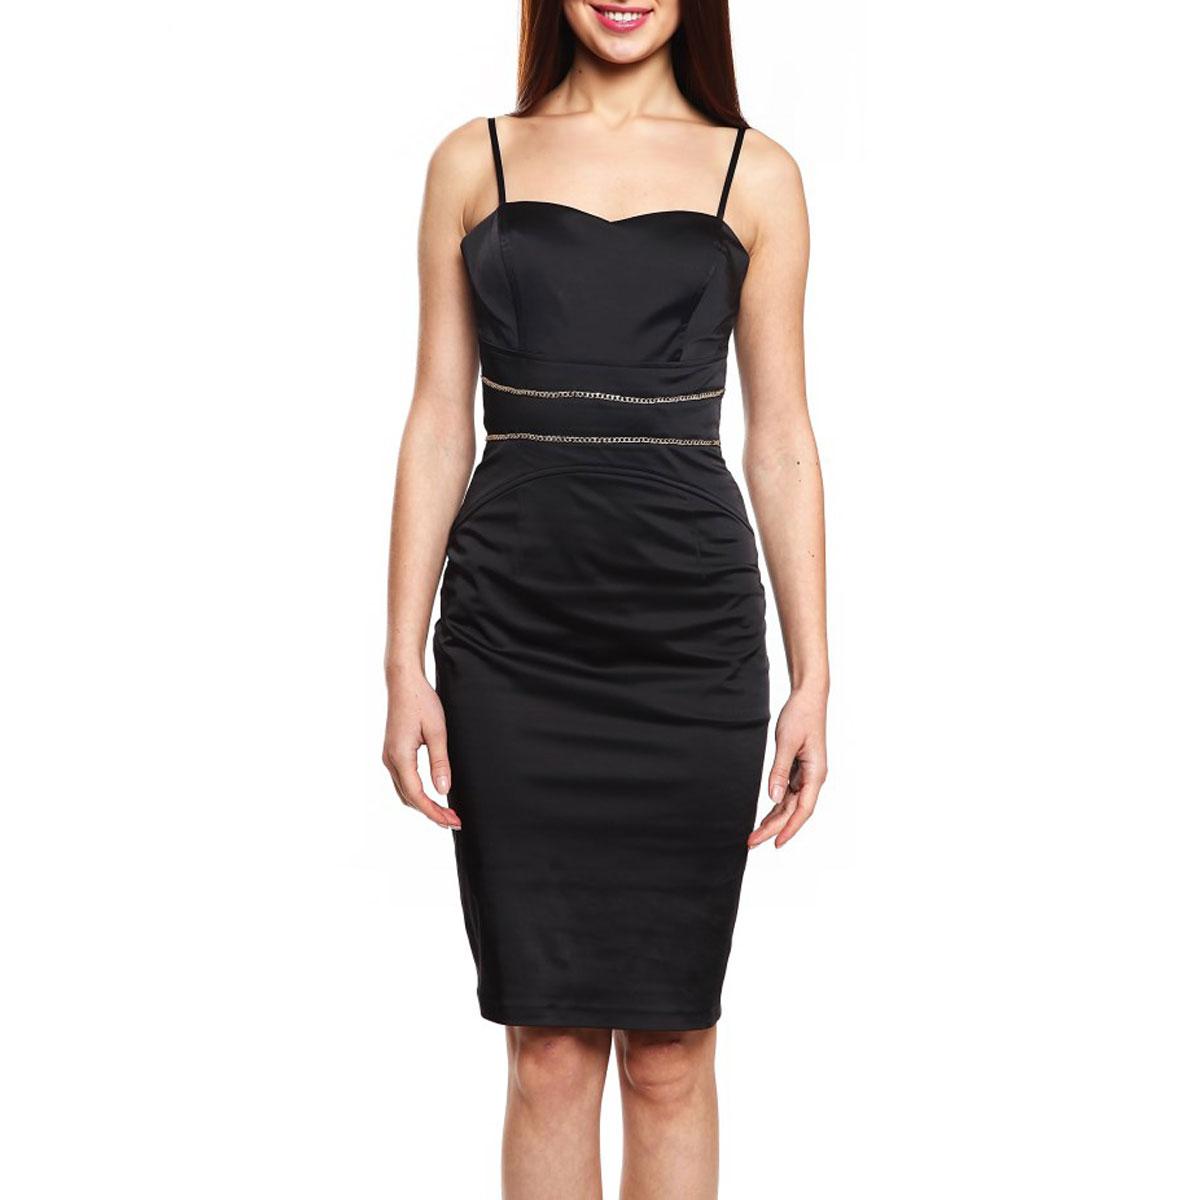 Платье59393-141207TСтрогое, но одновременно игривое платье Topsandtops, выполненное из высококачественного материала - хлопка и полиэстера, будет отлично смотреться на вас. Модель облегающего кроя, с тонкими регулируемыми бретелями и необычным вырезом на спине застегивается сбоку на потайную застежку-молнию. Уплотненный лиф с поддерживающими чашечками для ношения без бюстгальтера. Спереди изделие украшено декоративной металлической цепочкой. Это платье отличный вариант для вашего гардероба. Идеальный вариант для создания эффектного образа.